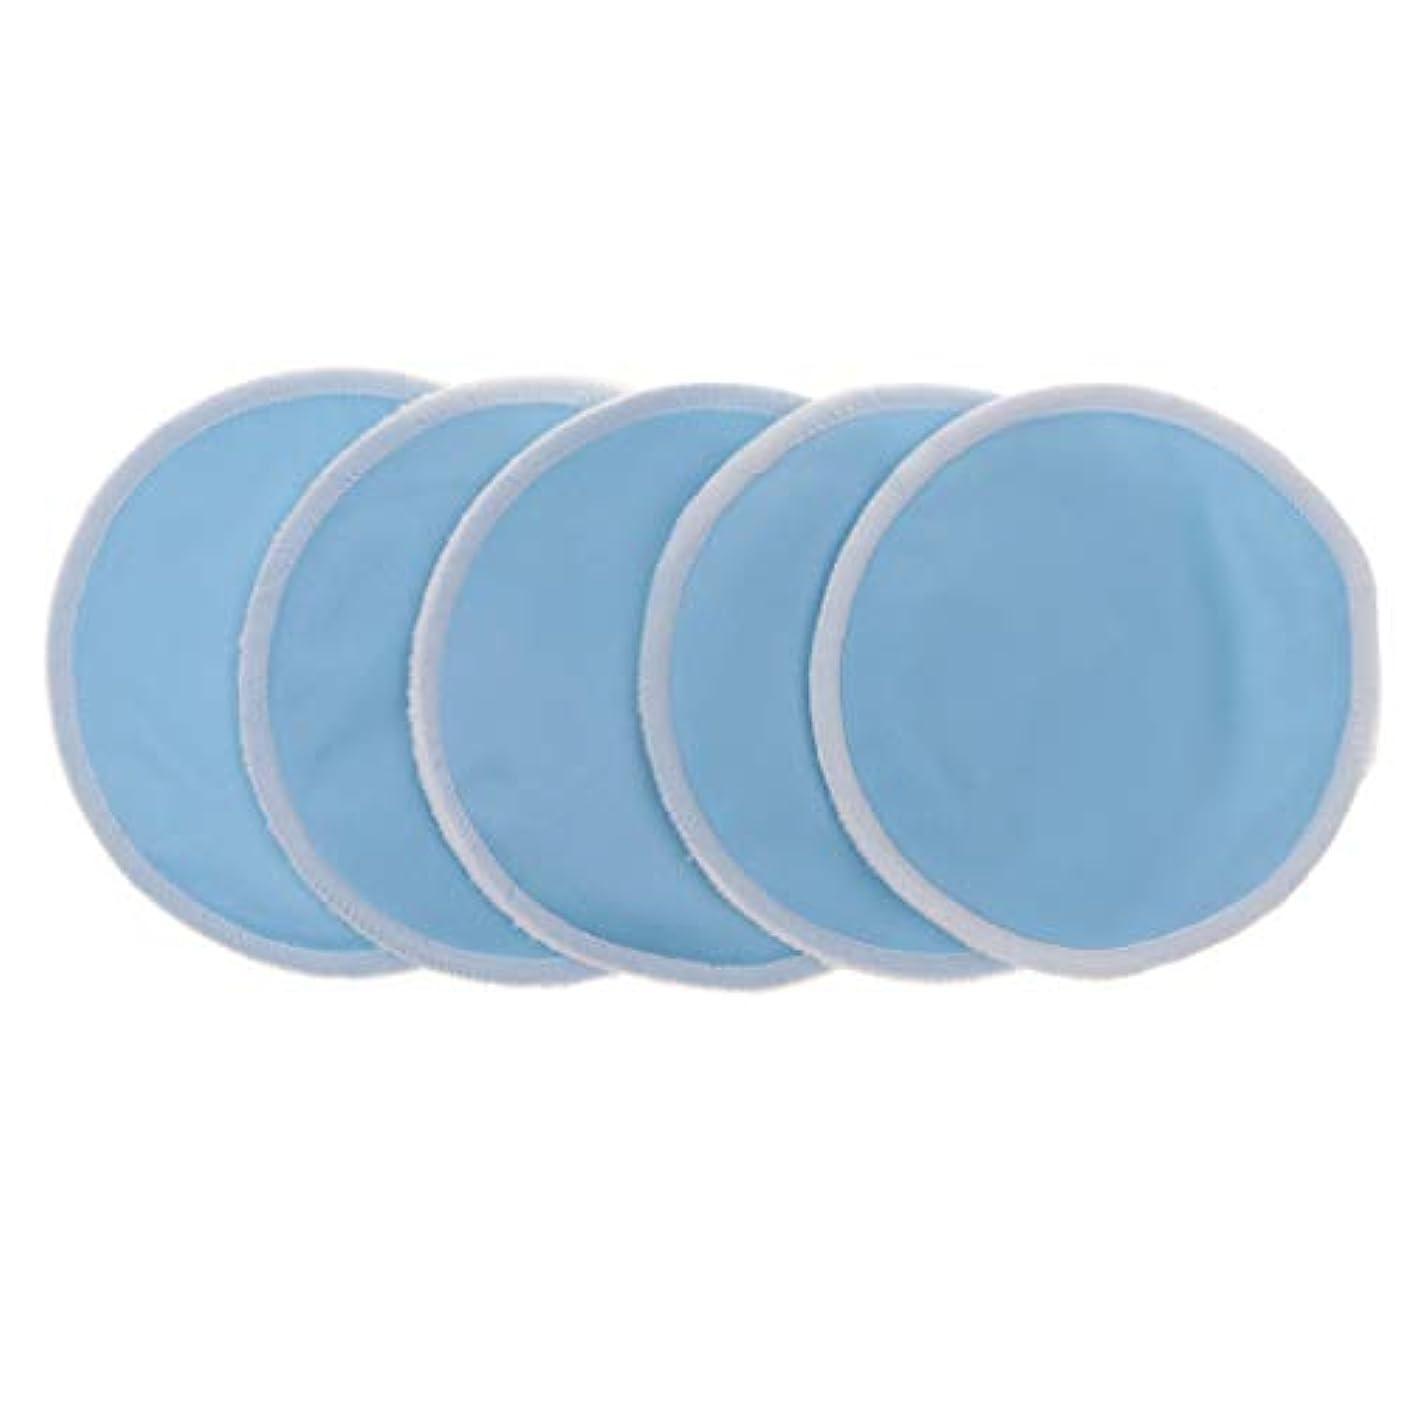 転用コスト辛な全5色 胸パッド クレンジングシート メイクアップ 竹繊維 12cm 洗える 再使用可 実用的 5個入 - 青